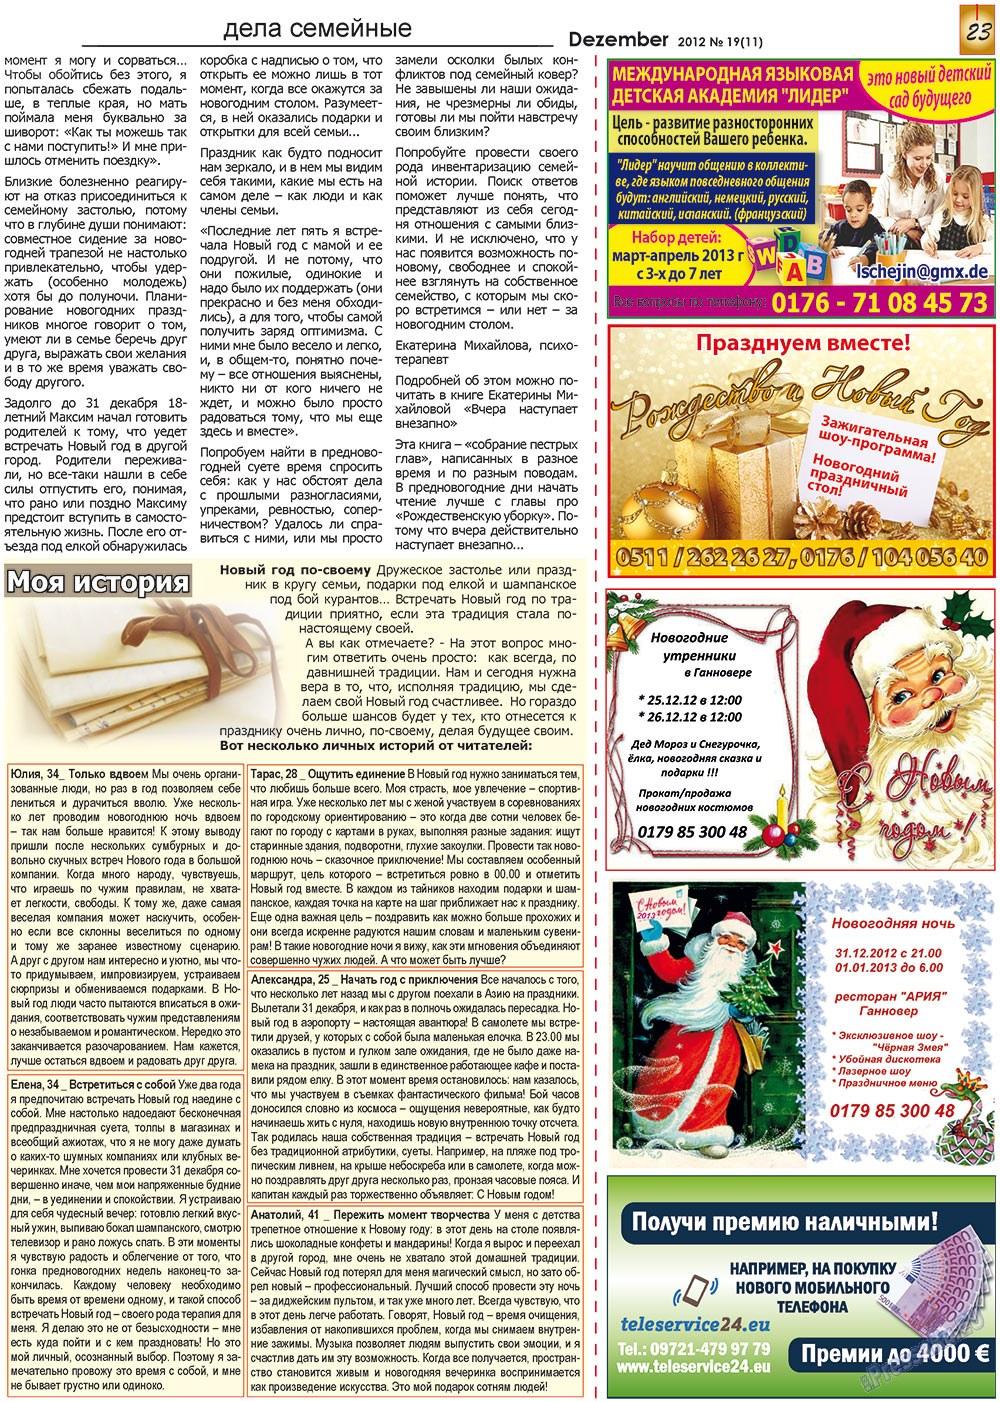 Все pro все (газета). 2012 год, номер 19, стр. 23